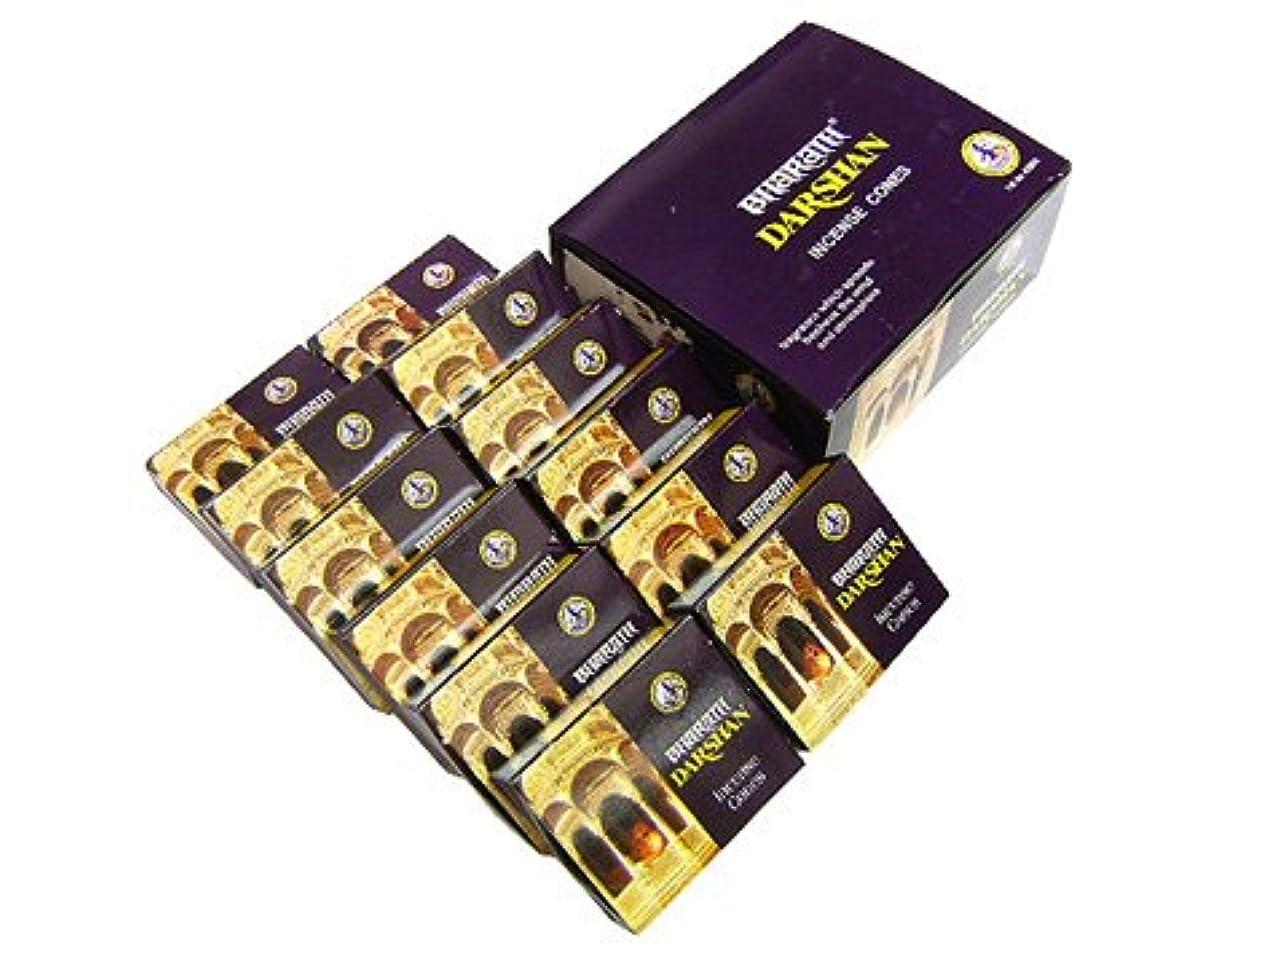 に慣れパラダイスパターンASOKA TRADING(アショーカ トレーディング) バハラットダルシャン香コーンタイプ TRADING BHARATH DARSHAN CORN 12箱セット